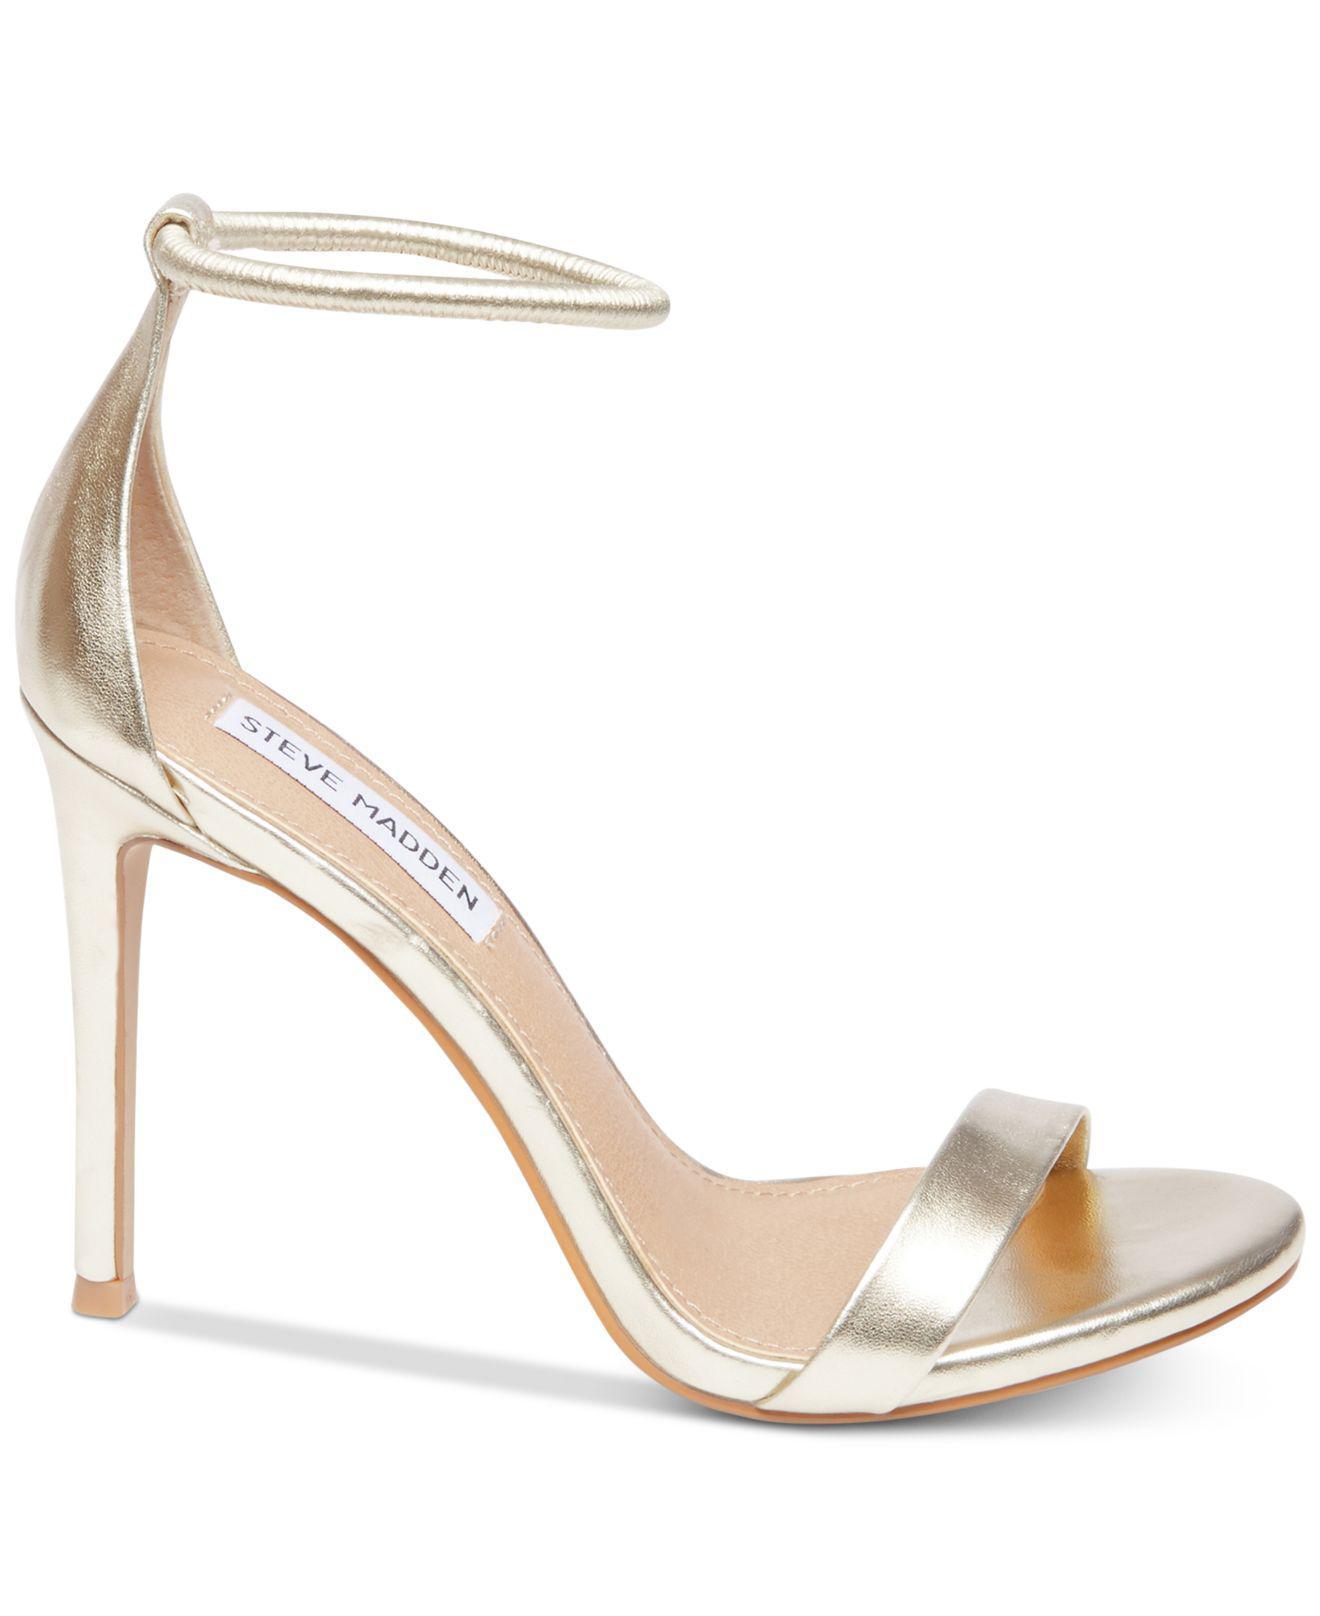 00a6d6d0b69 Lyst - Steve Madden Soph Two-piece Dress Sandals